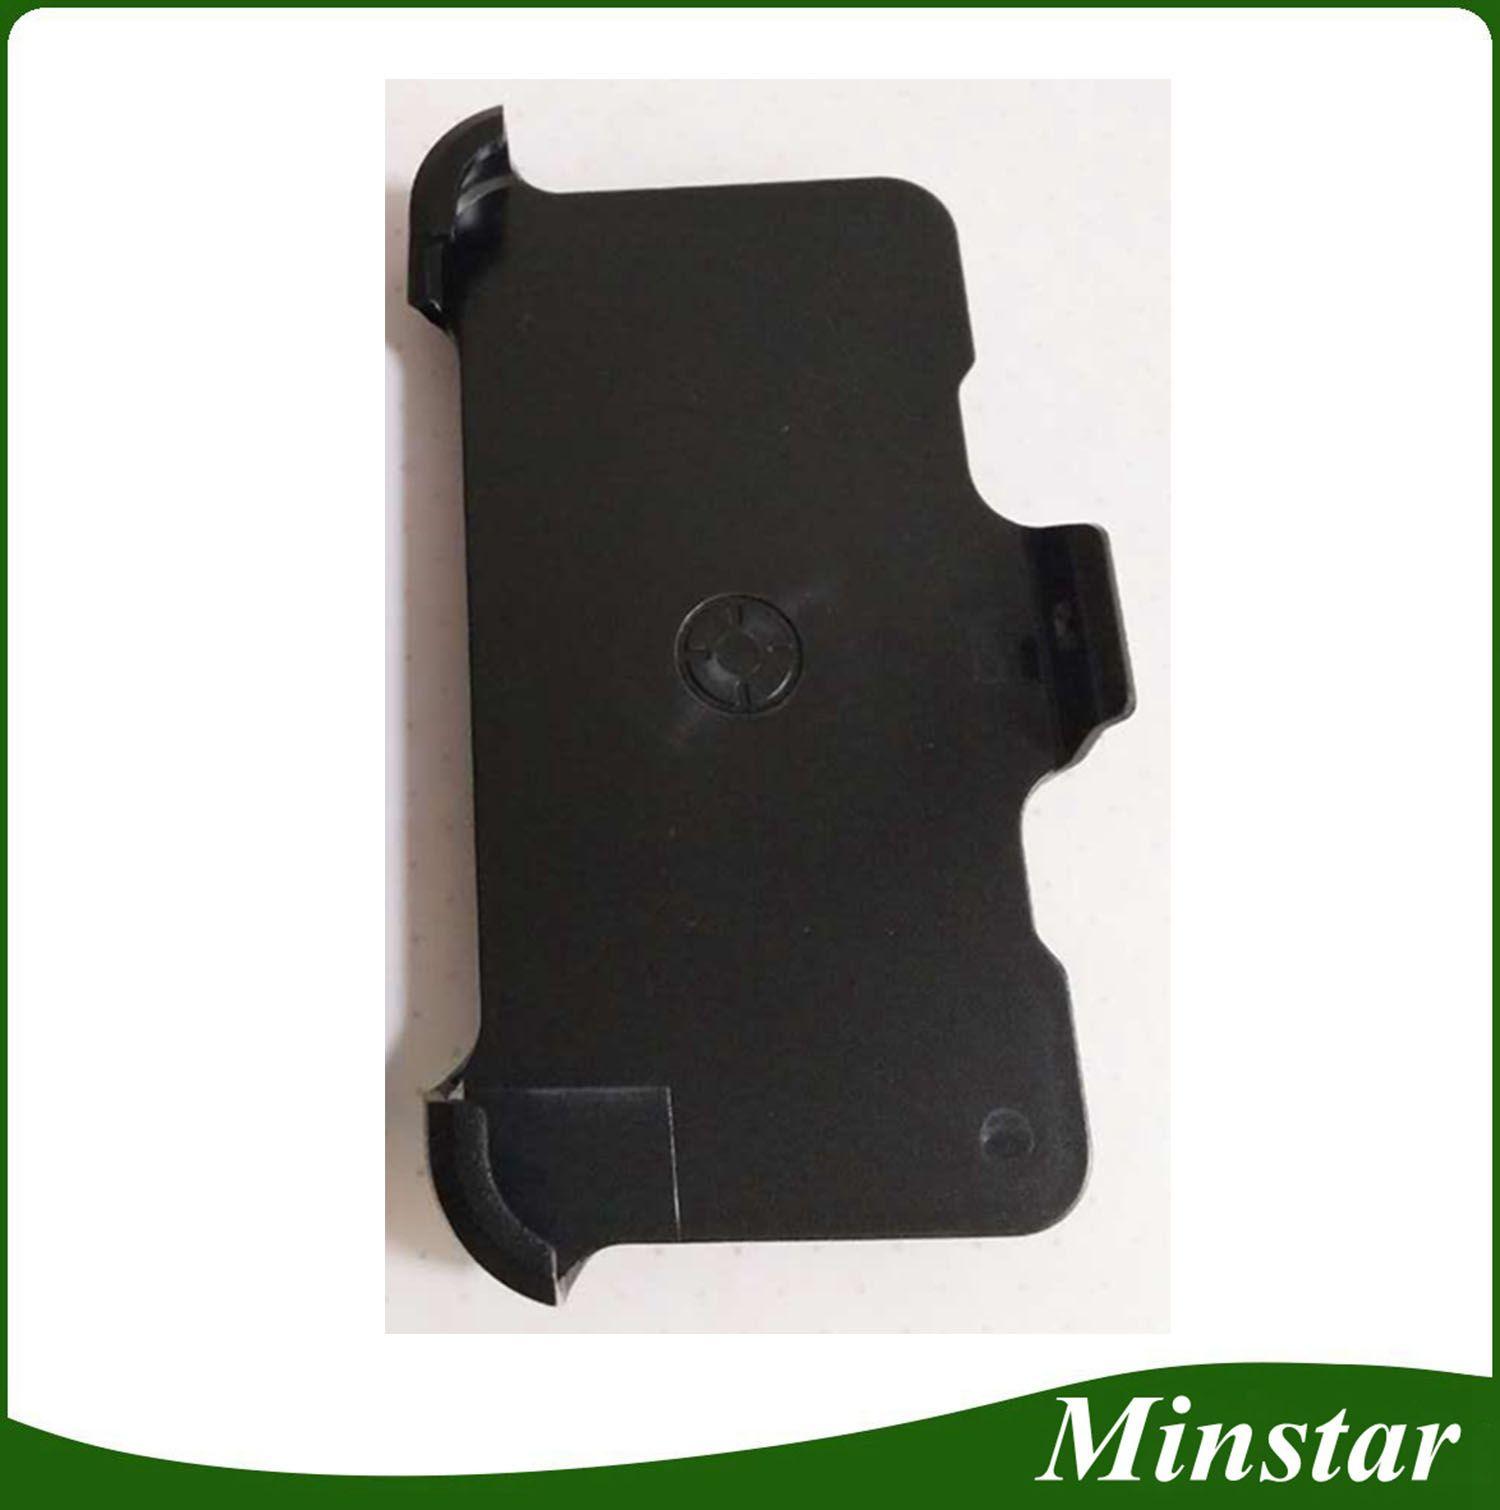 For iPhone XS Max XR X 8 Plus 7 6S S10 Plus S10E High Quality Defender Kickstand Case with Belt Clip OPP Bag